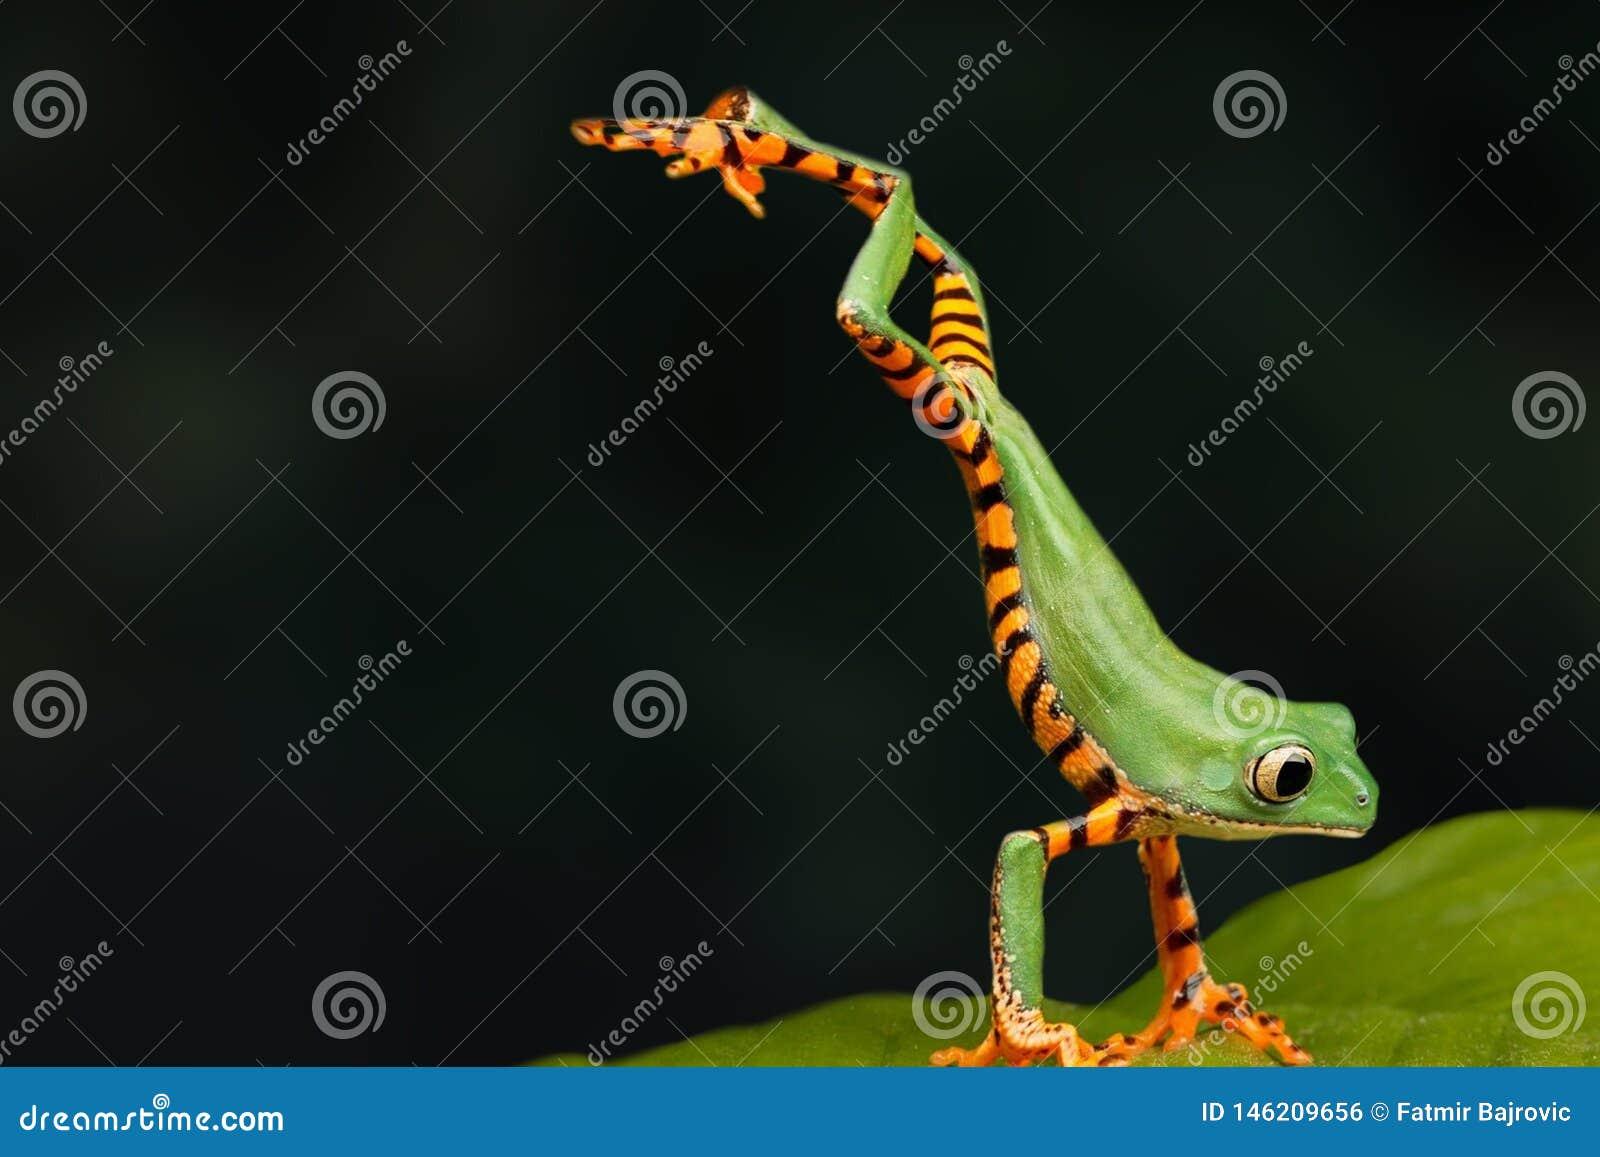 Ein sehr interessanter Moment in der Natur Abschluss des grünen Frosches oben Der Frosch springt auf ein grünes Blatt Dunkler Hin